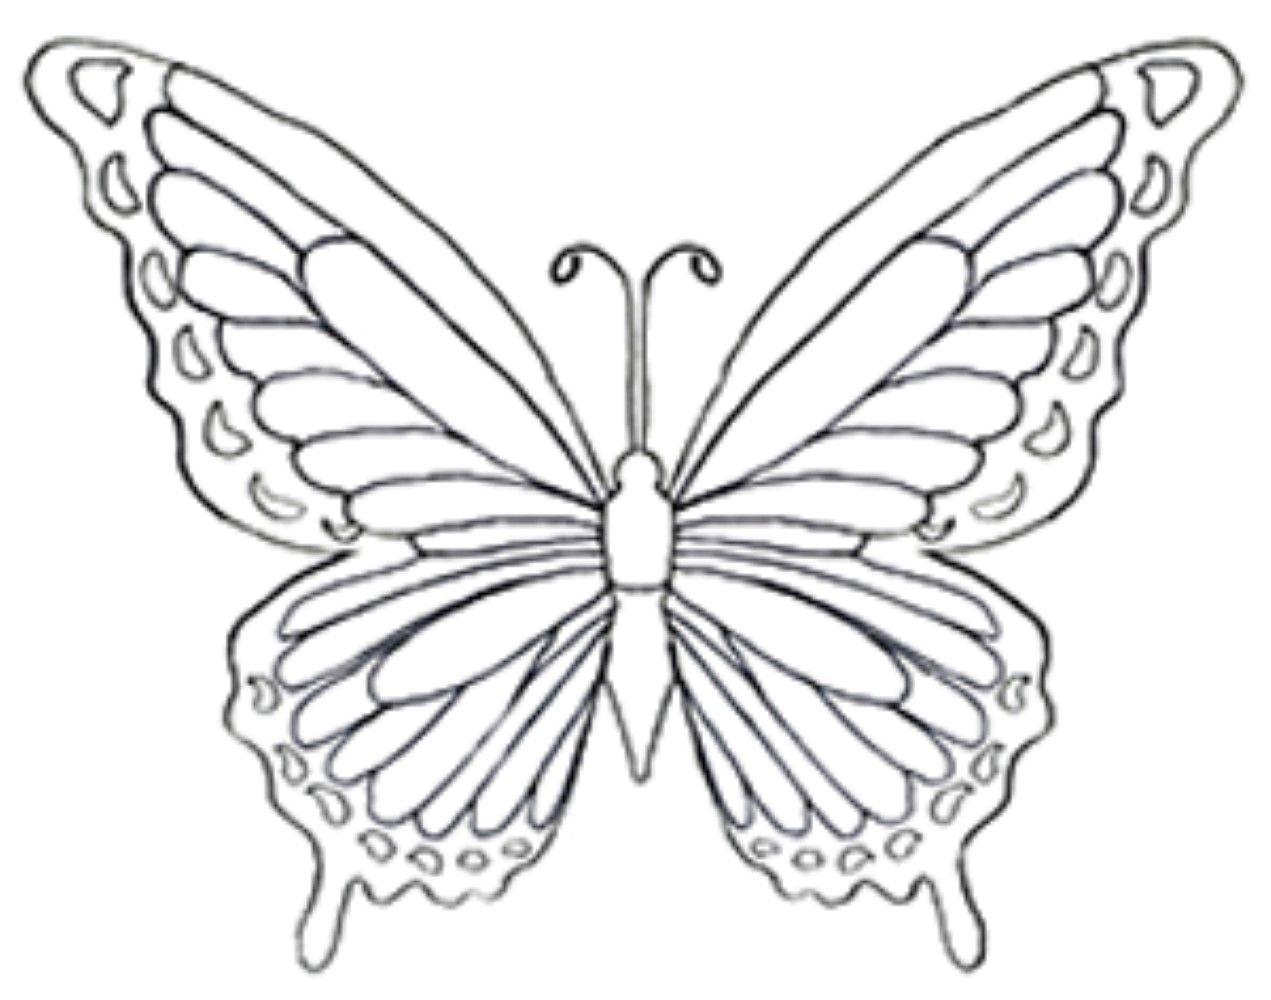 Masques Et Ailes De Fee Ou Papillon A Imprimer Pour Enfant Fete Une Surprise Recettes Et Idees D Animations Butterfly Printable Butterfly Wing Printable Wings Drawing